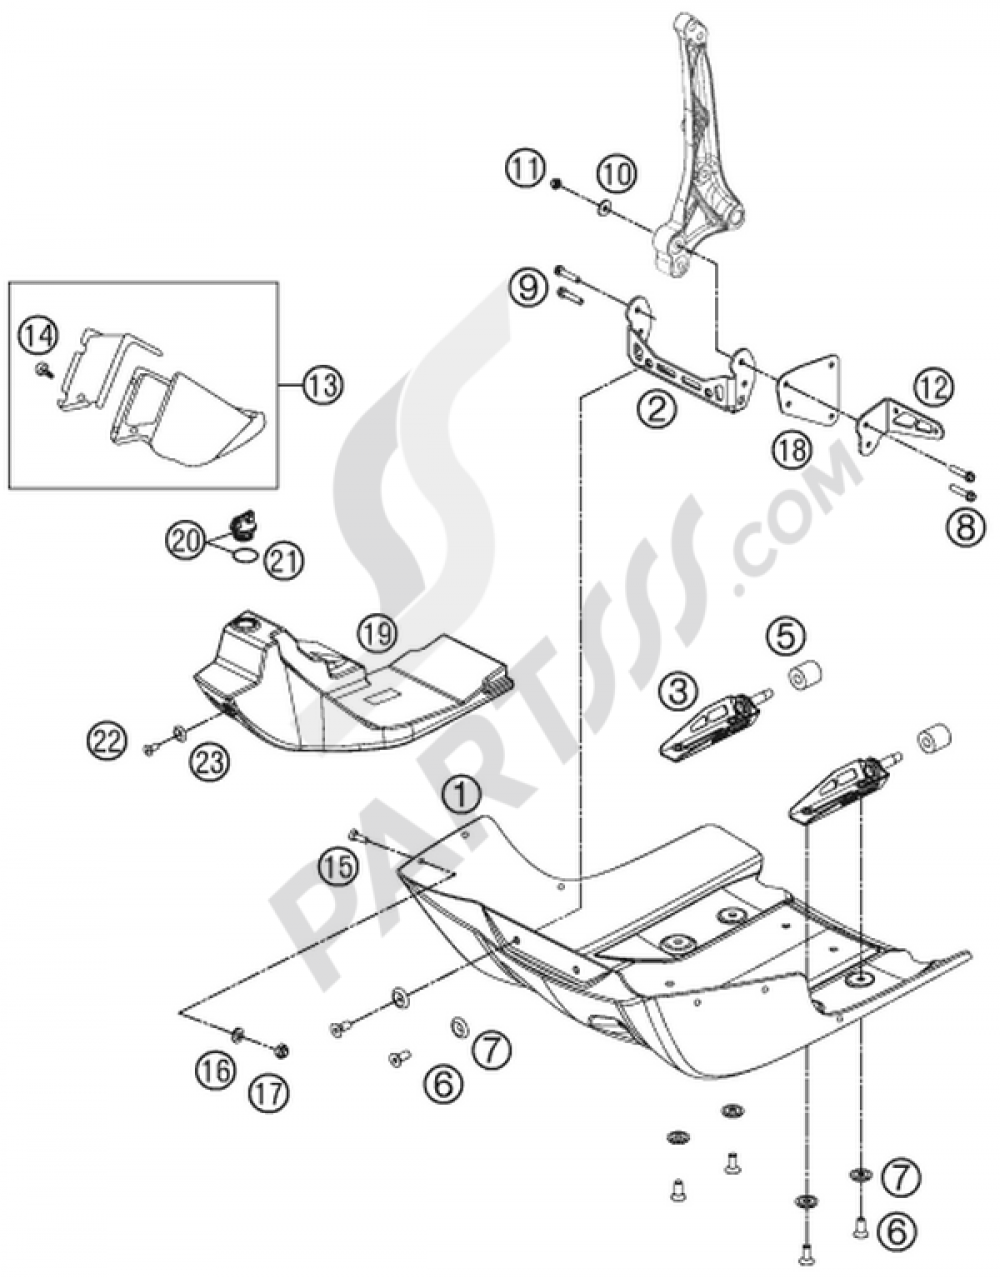 Engine Guard Ktm 450 Rally Factory Replica 2014 Eu Diagrams